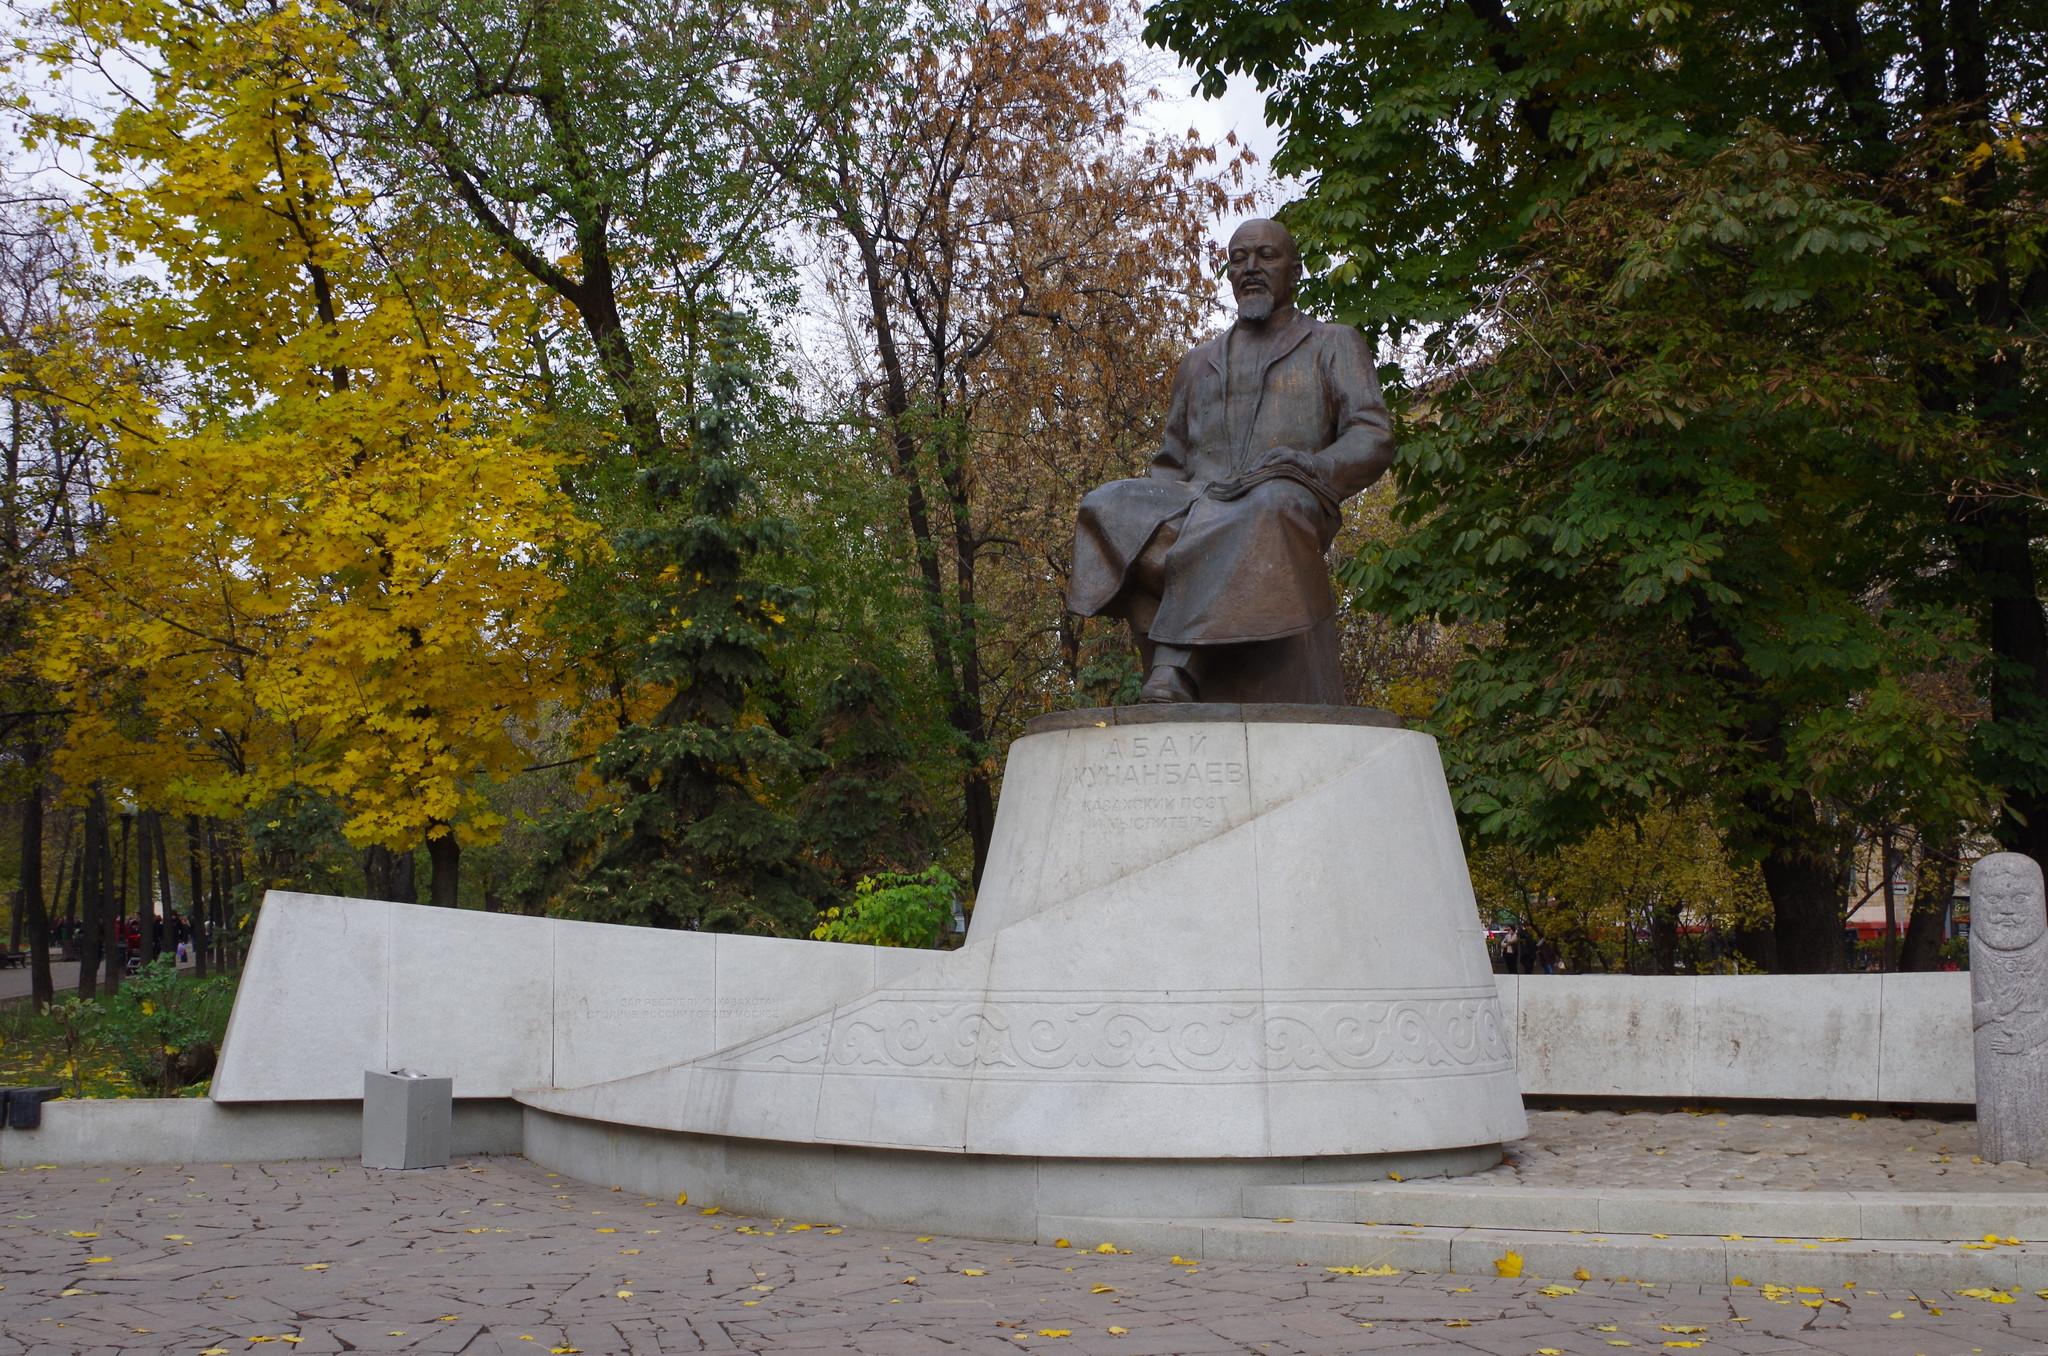 Памятник Абаю Кунанбаеву на Чистопрудном бульваре был открыт в 2006 году